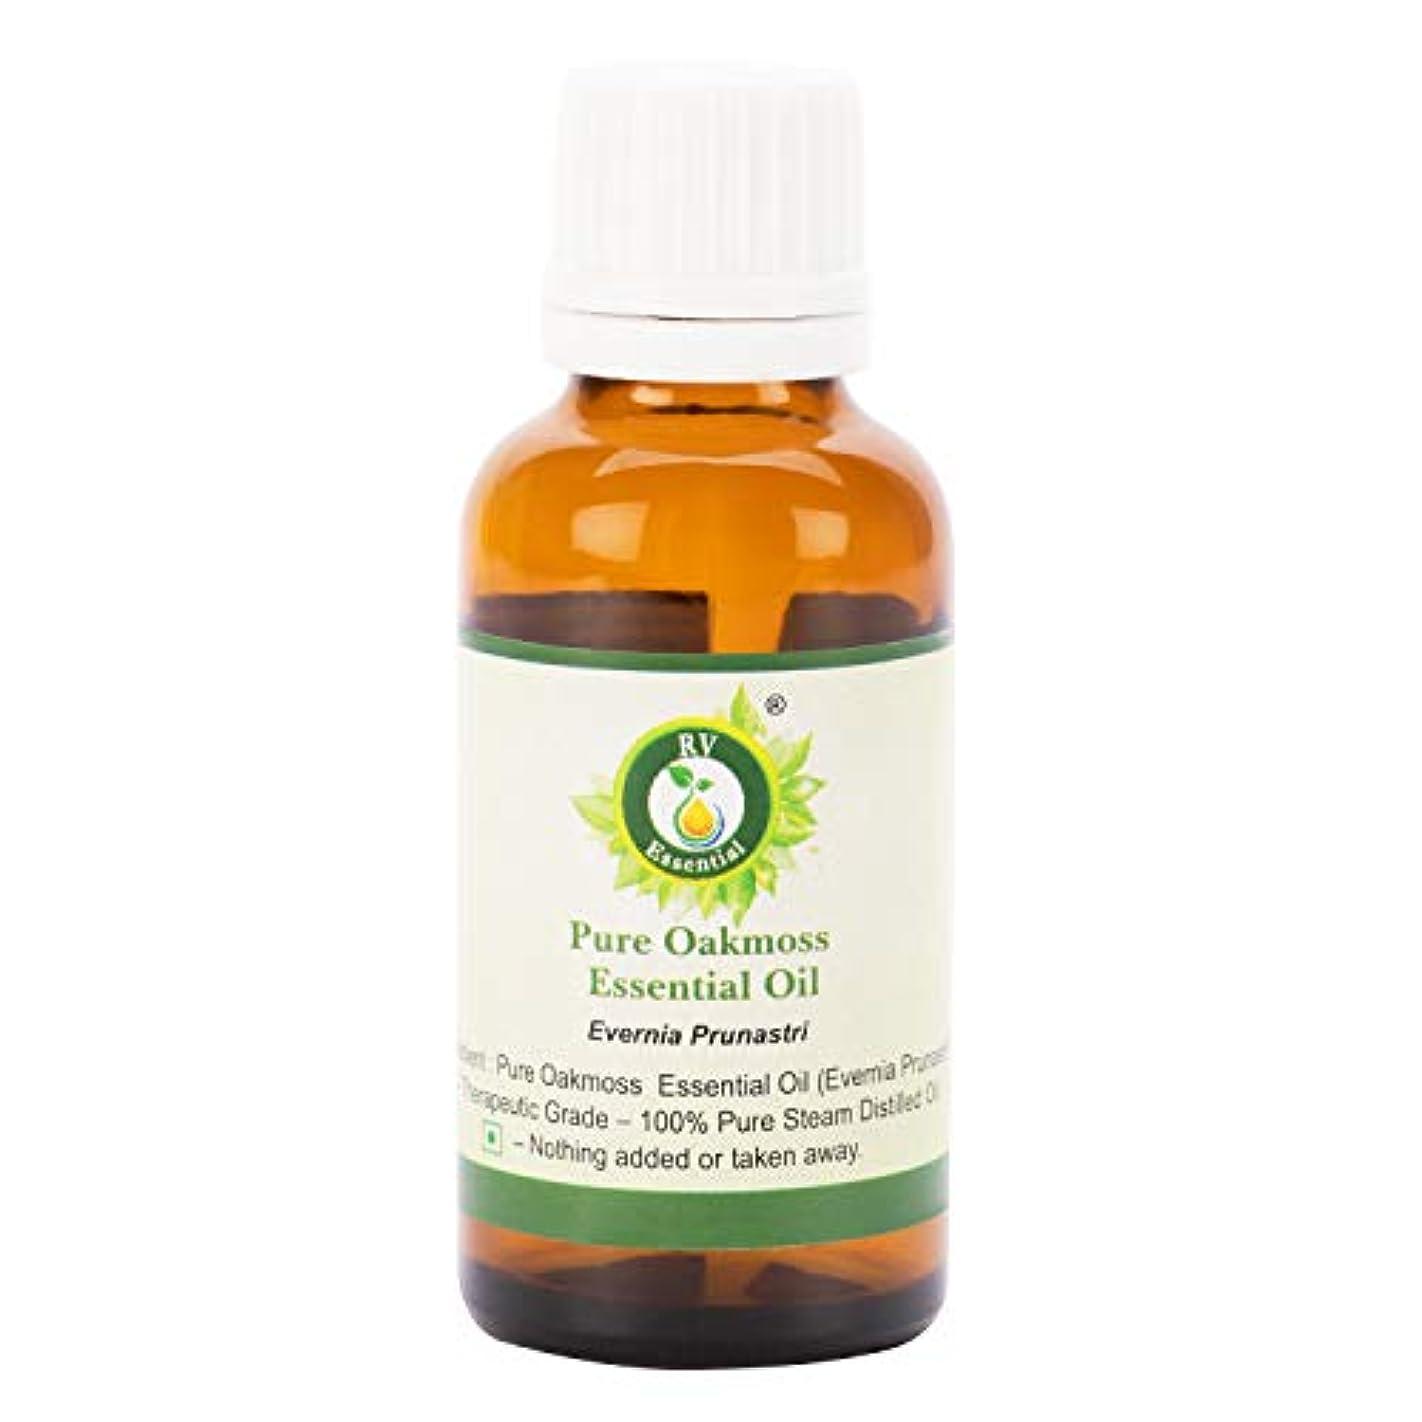 絶えずあいにく海上ピュアOakmossエッセンシャルオイル300ml (10oz)- Evernia Prunastri (100%純粋&天然スチームDistilled) Pure Oakmoss Essential Oil